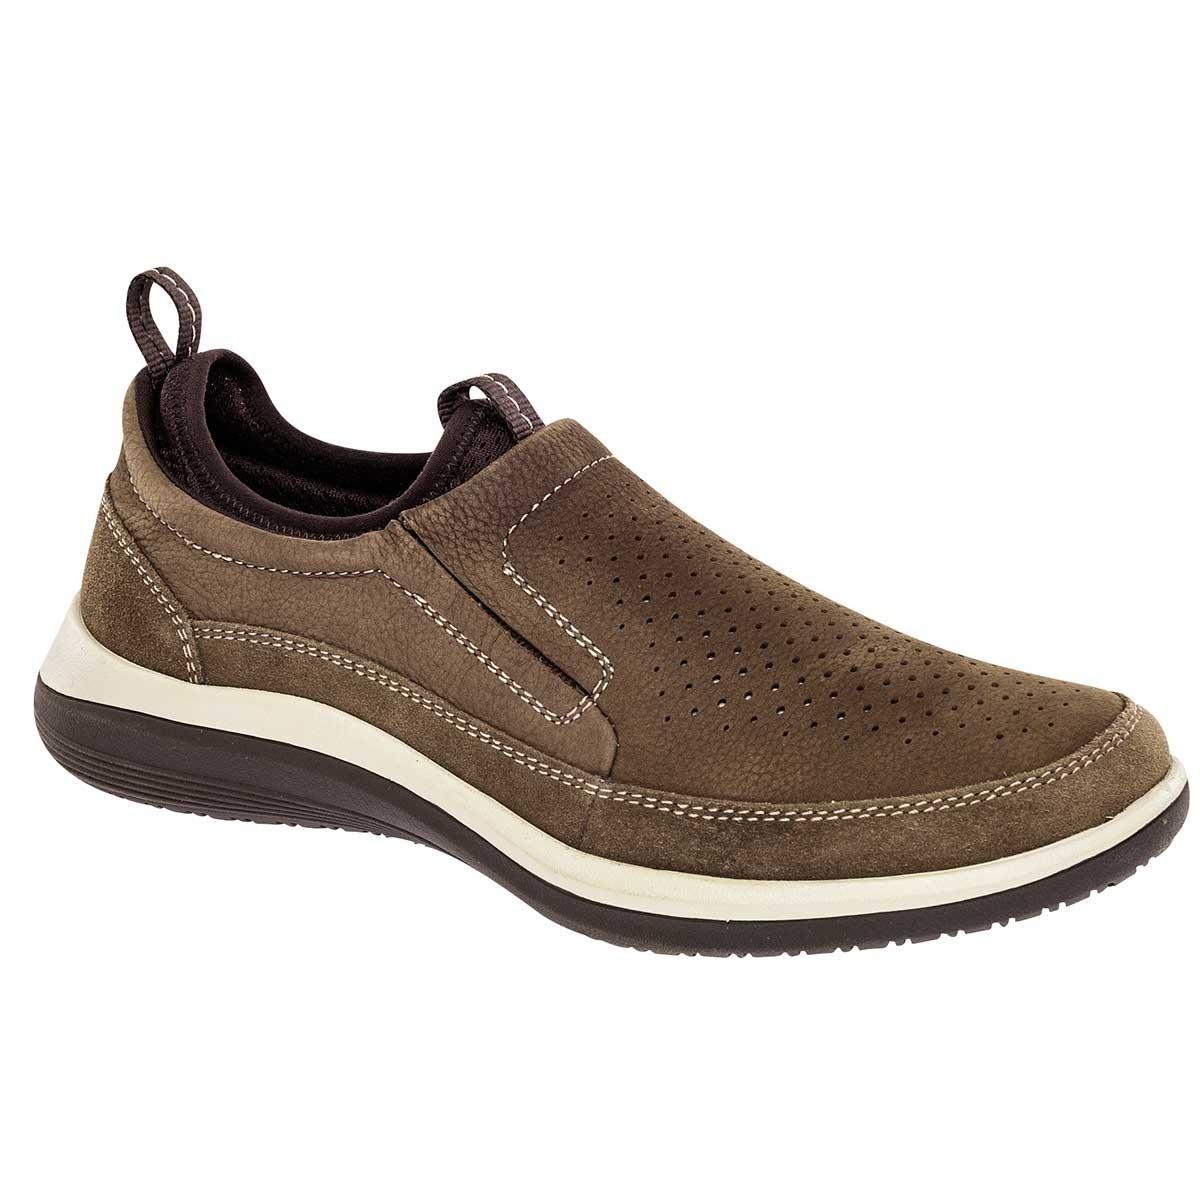 31eda44e1f5 Zapato Casual Hombre Dockers 77386   25-29 envio Gratis -   1